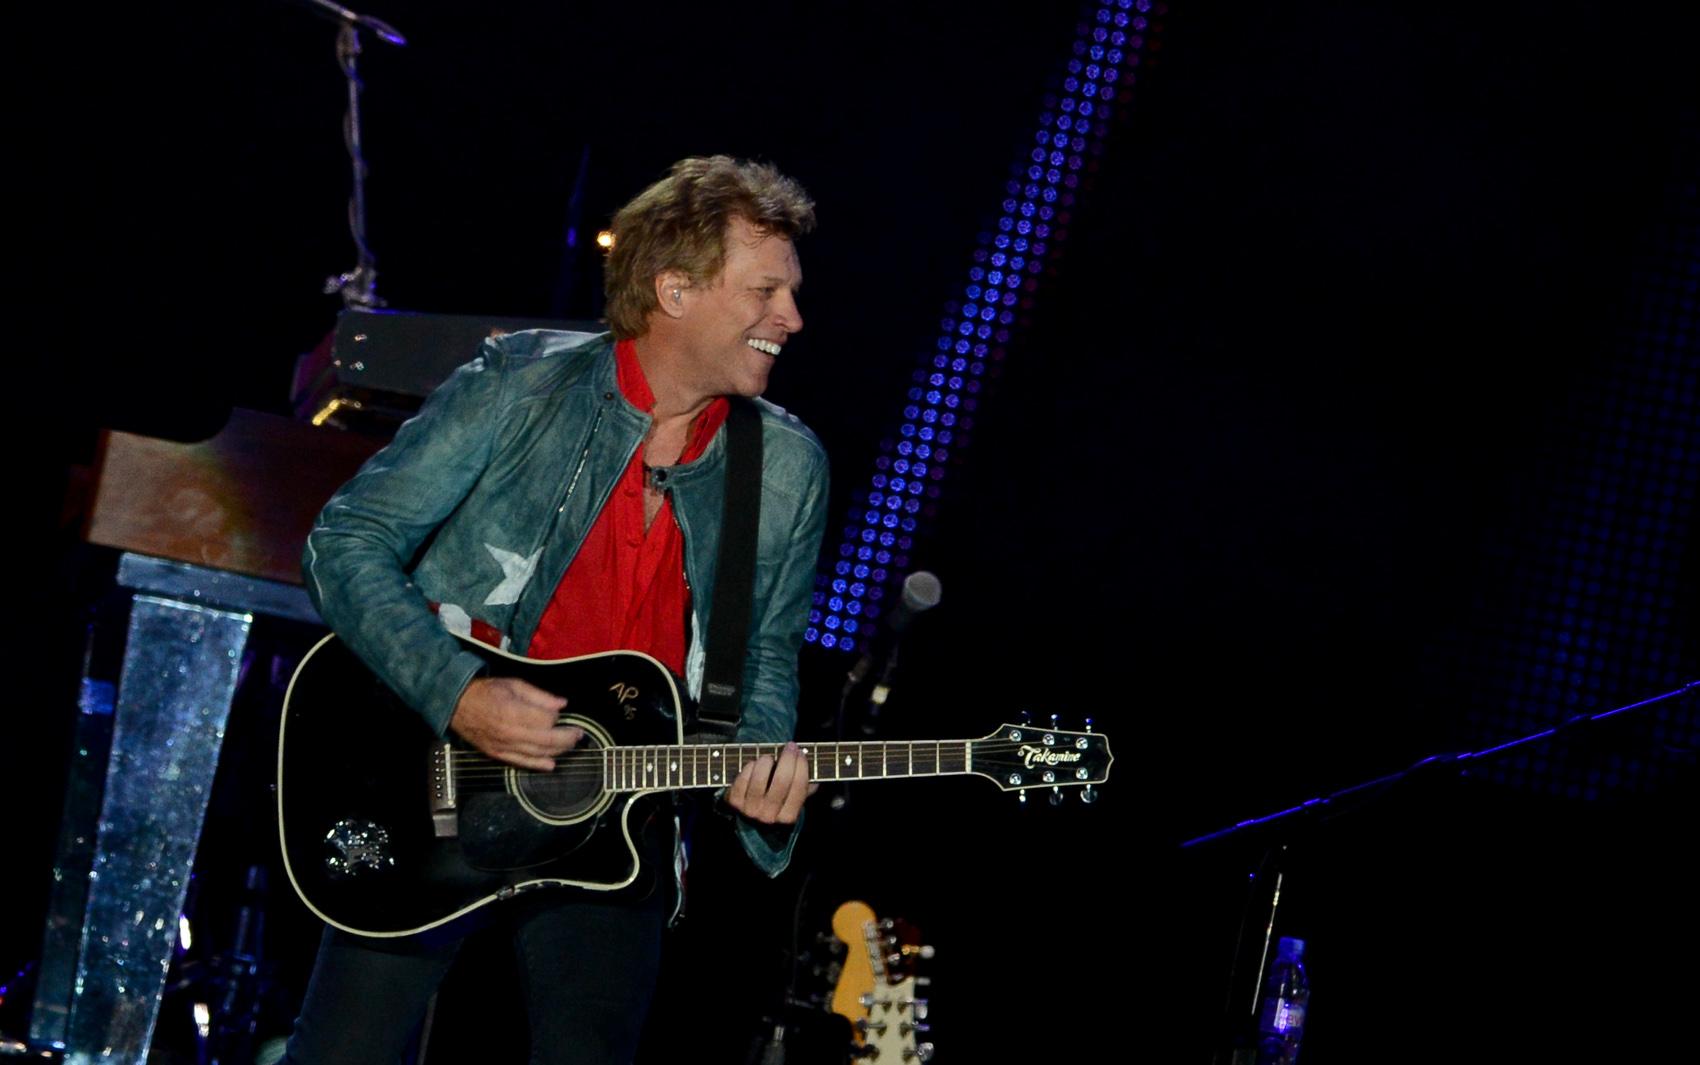 Em 30 anos de estrada, o Bon Jovi estreou no Brasil em 1990, no Hollywood Rock. Depois, veio também em 1993, 1995 e 2010. Em 1997, Jon veio sozinho.